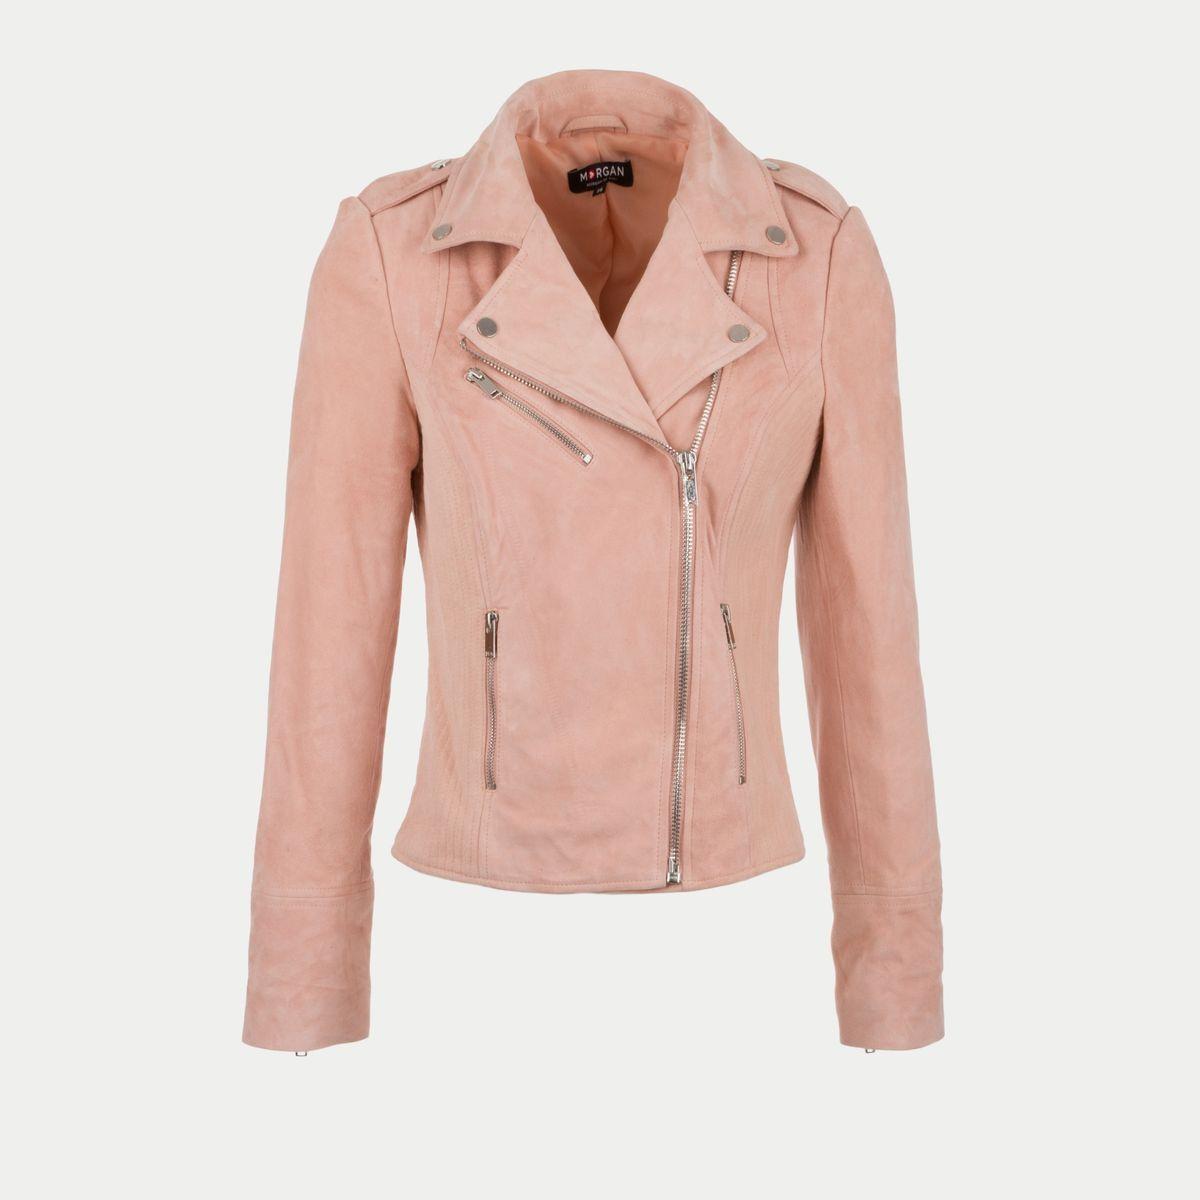 434f10753997 Blouson en cuir pour femme - Suédine Rose - MORGAN - Mode